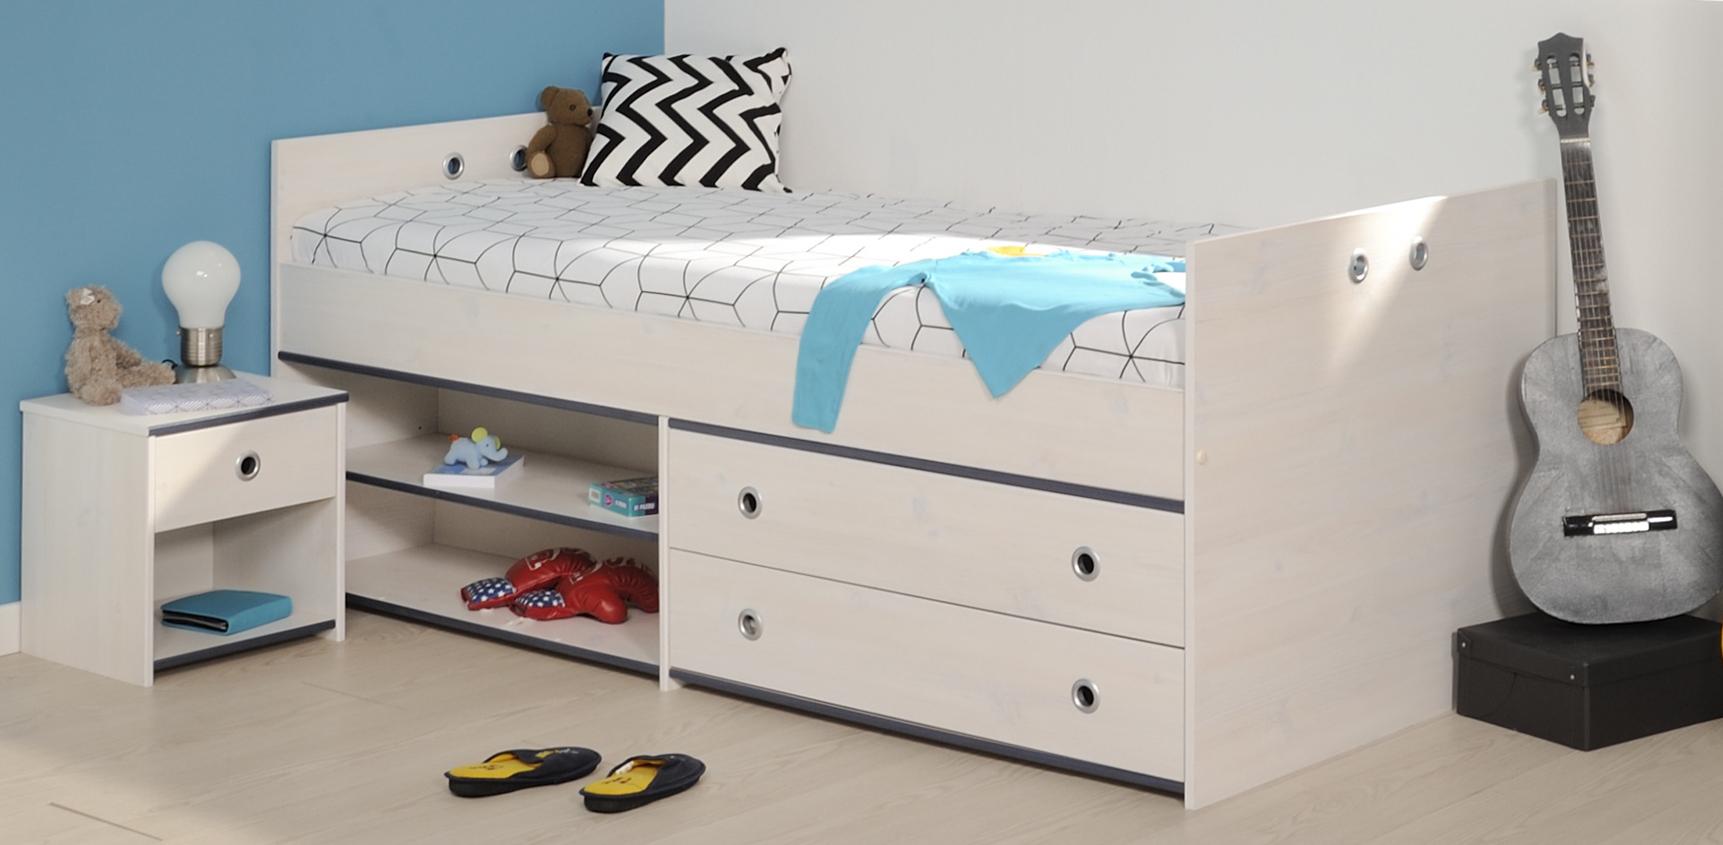 schlafzimmer 2 tlg inkl 90x200 stauraumbett smoozy 24a von parisot kiefer weiss blau. Black Bedroom Furniture Sets. Home Design Ideas